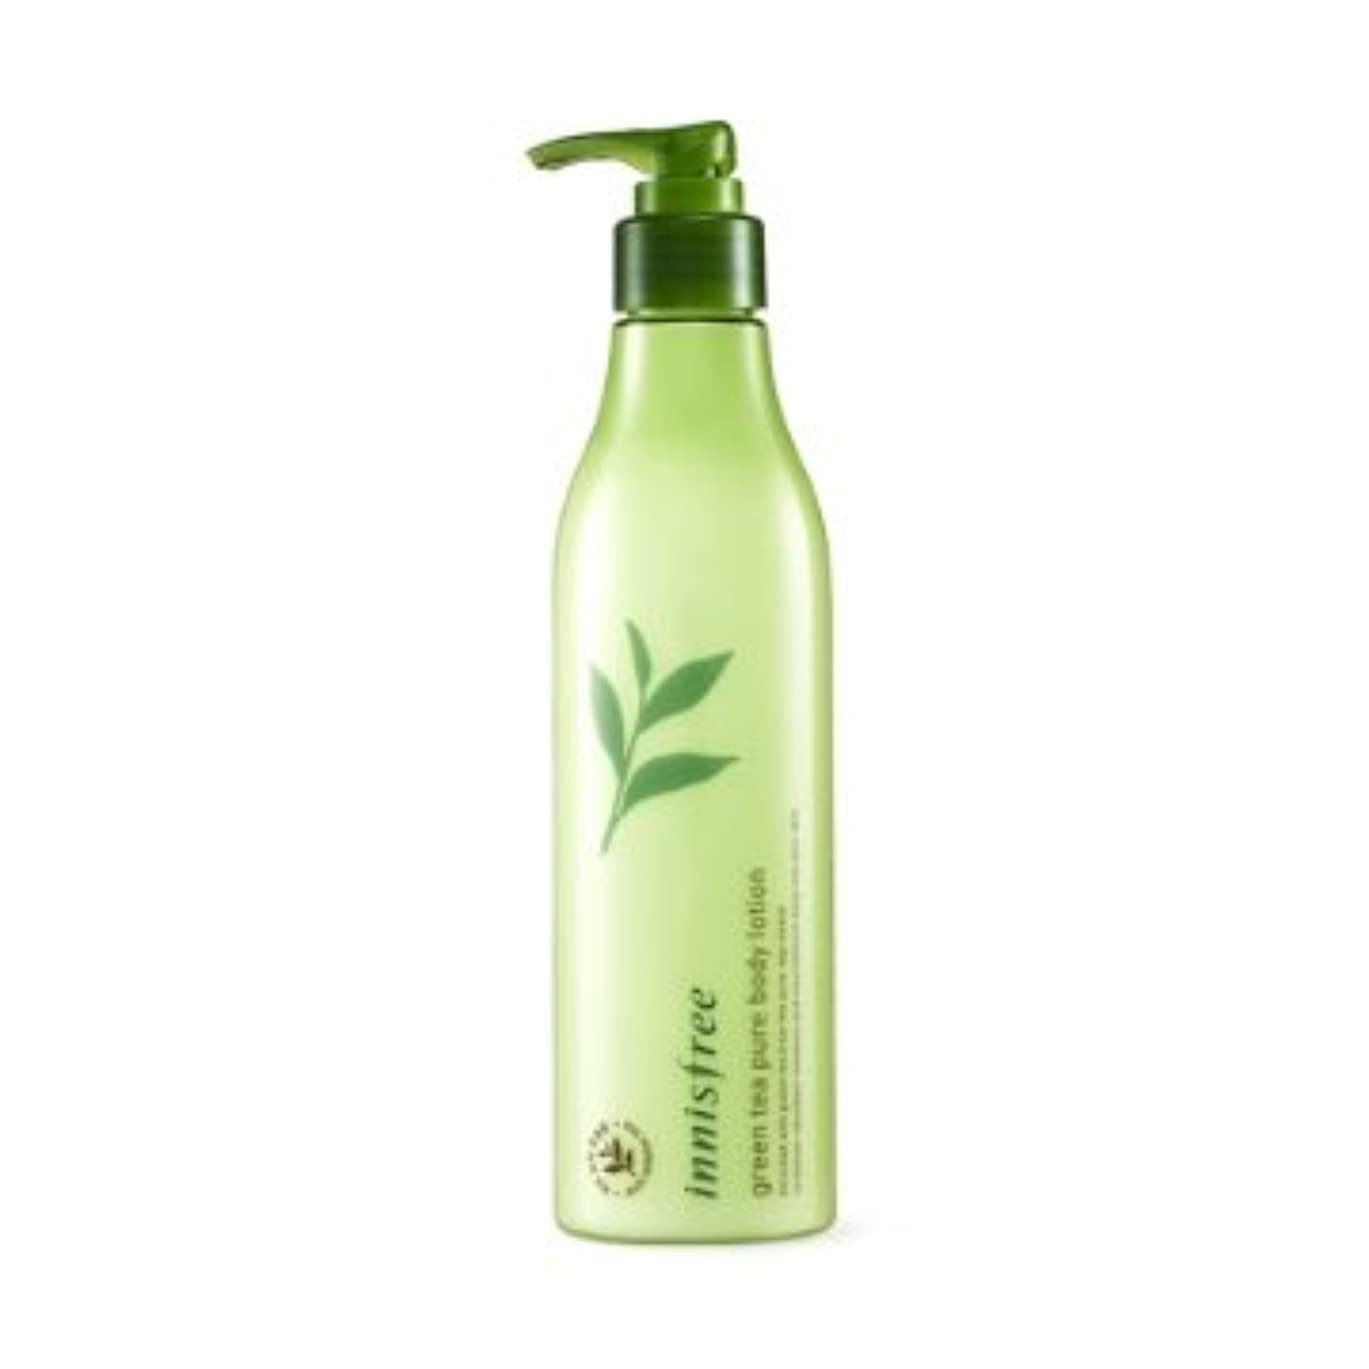 しつけ手数料石鹸【イニスフリー】Innisfree green tea pure body lotion - 300ml (韓国直送品) (SHOPPINGINSTAGRAM)